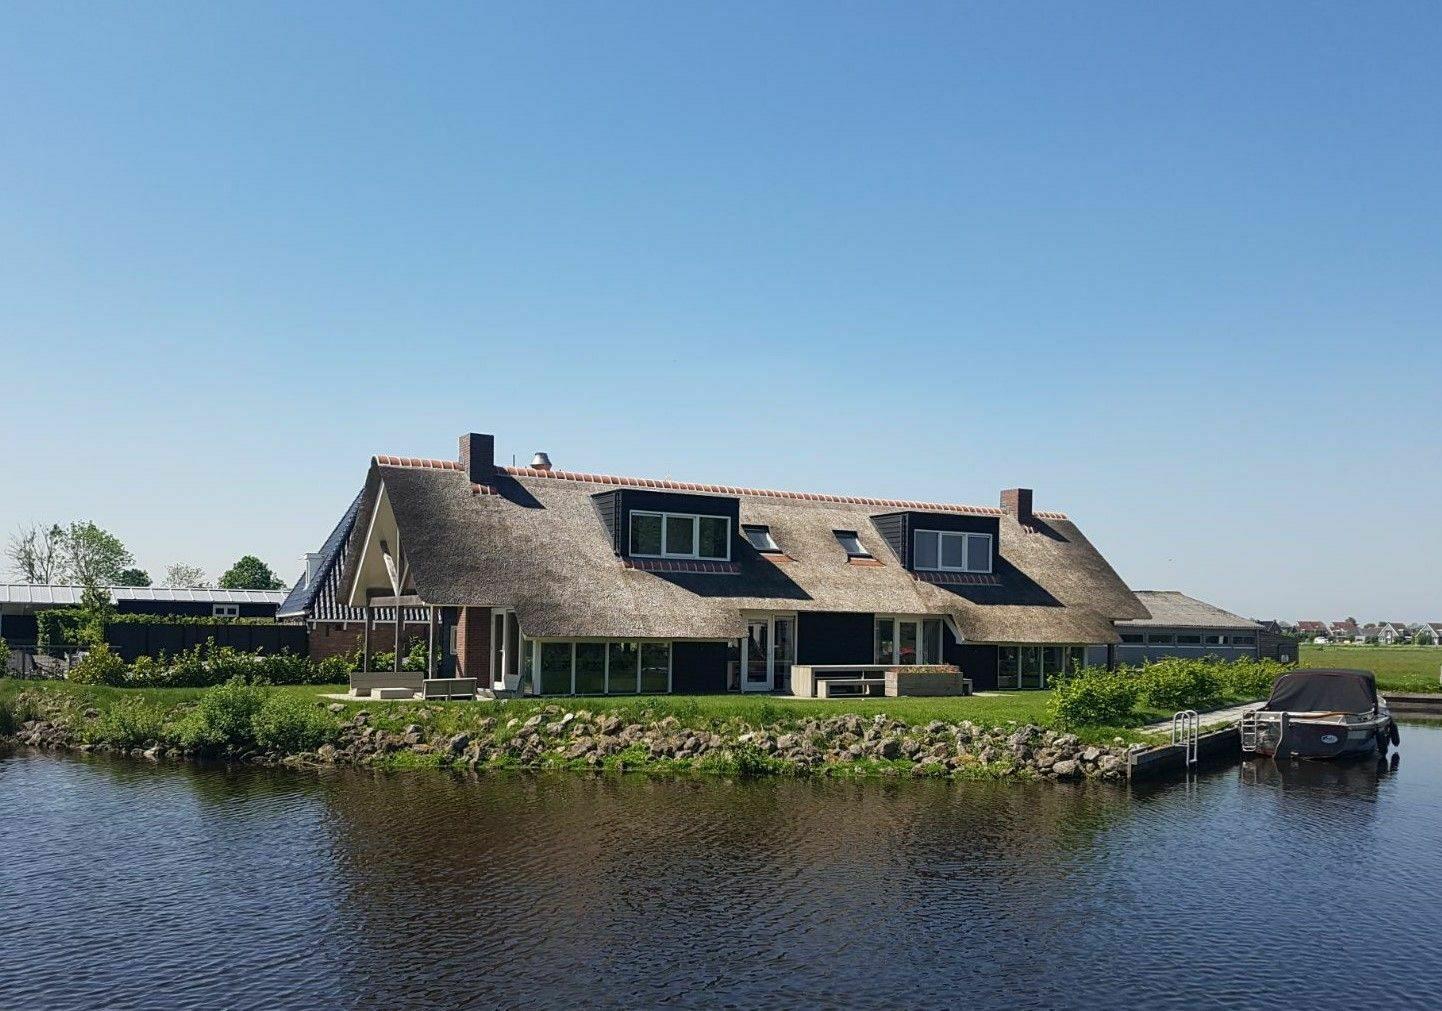 Zomervakantie in Nederland